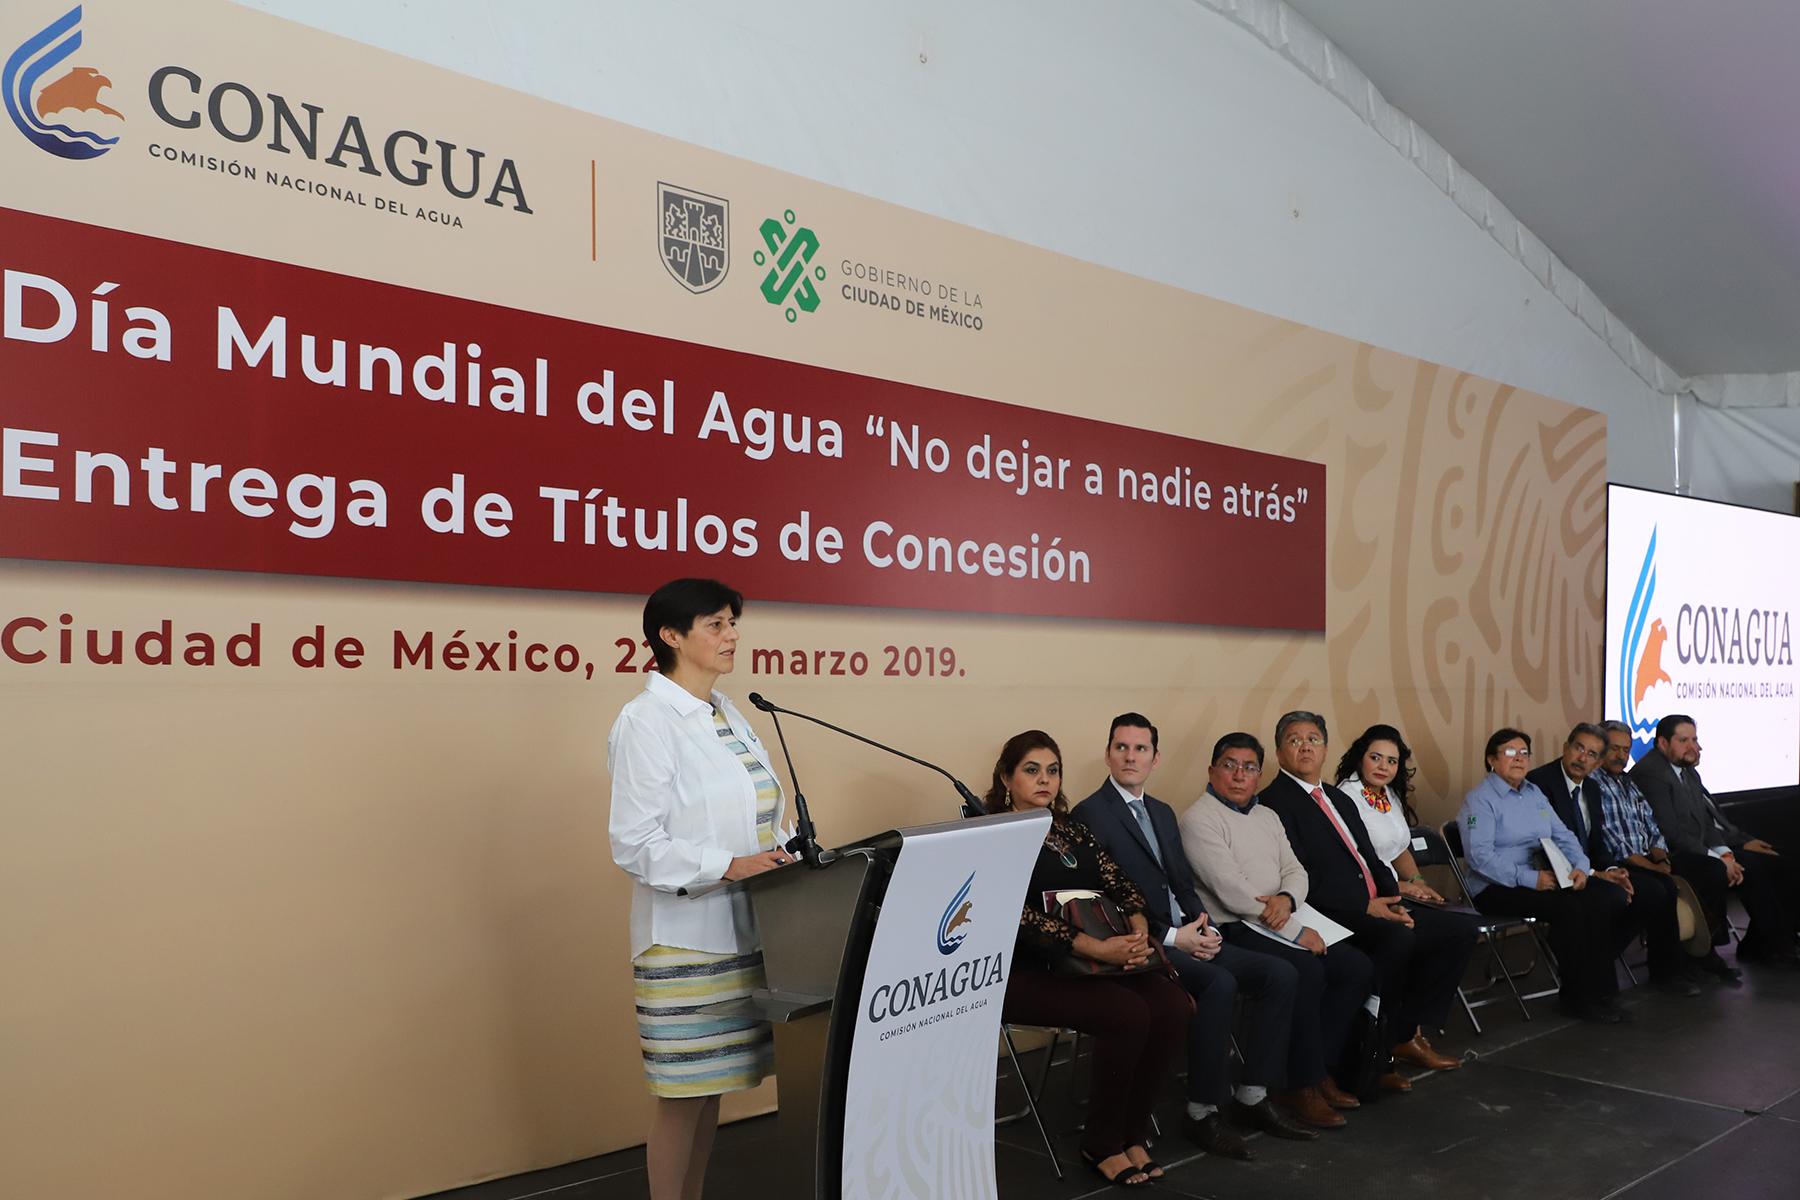 """La Conagua conmemora el Día Mundial del Agua, con el lema """"No dejar a nadie atrás""""."""